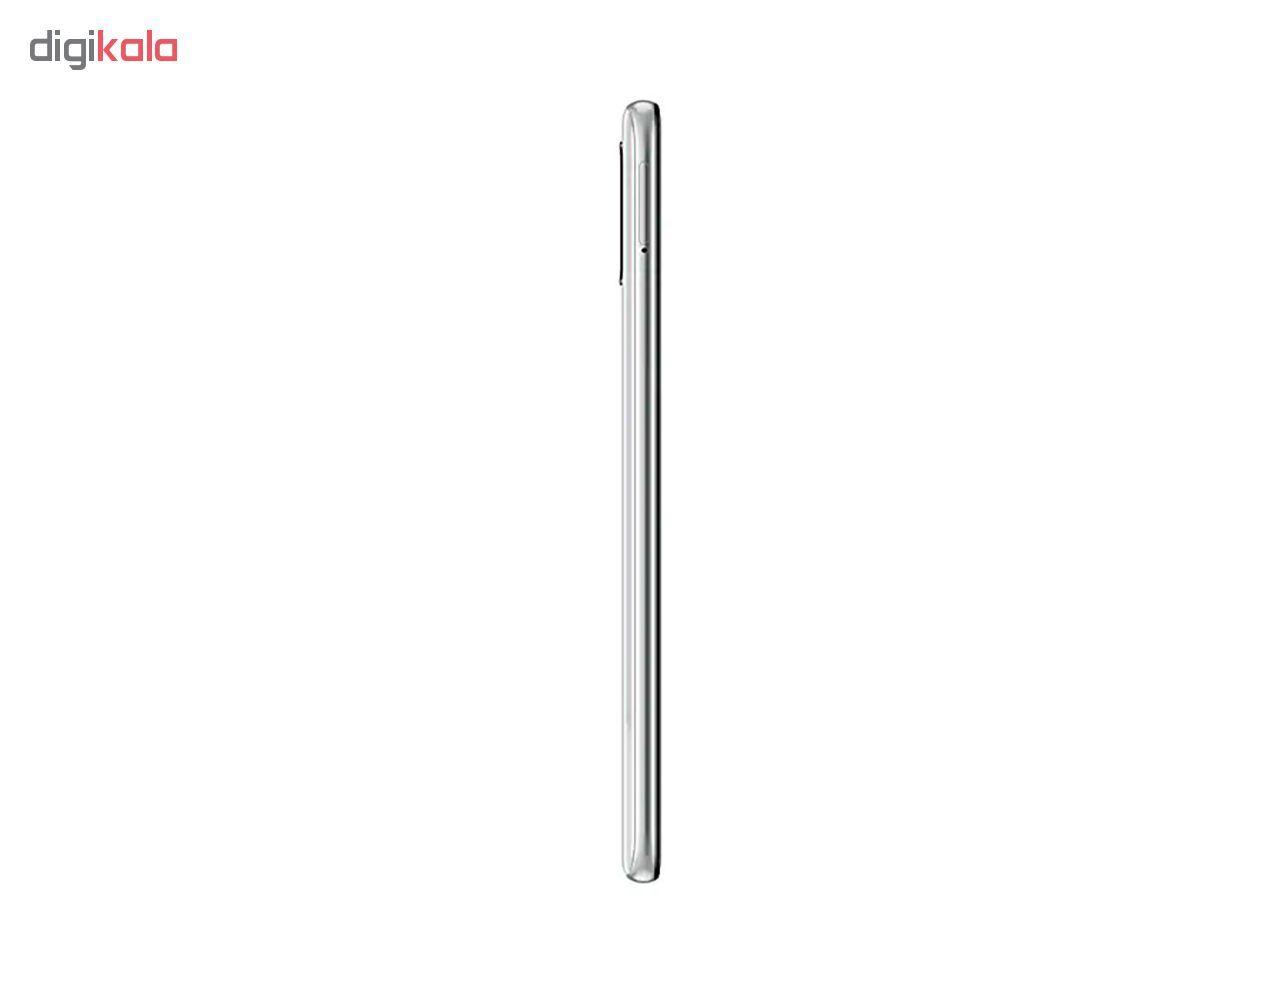 گوشی موبایل سامسونگ مدل Galaxy A51 SM-A515F/DSN دو سیم کارت ظرفیت 128گیگابایت main 1 20